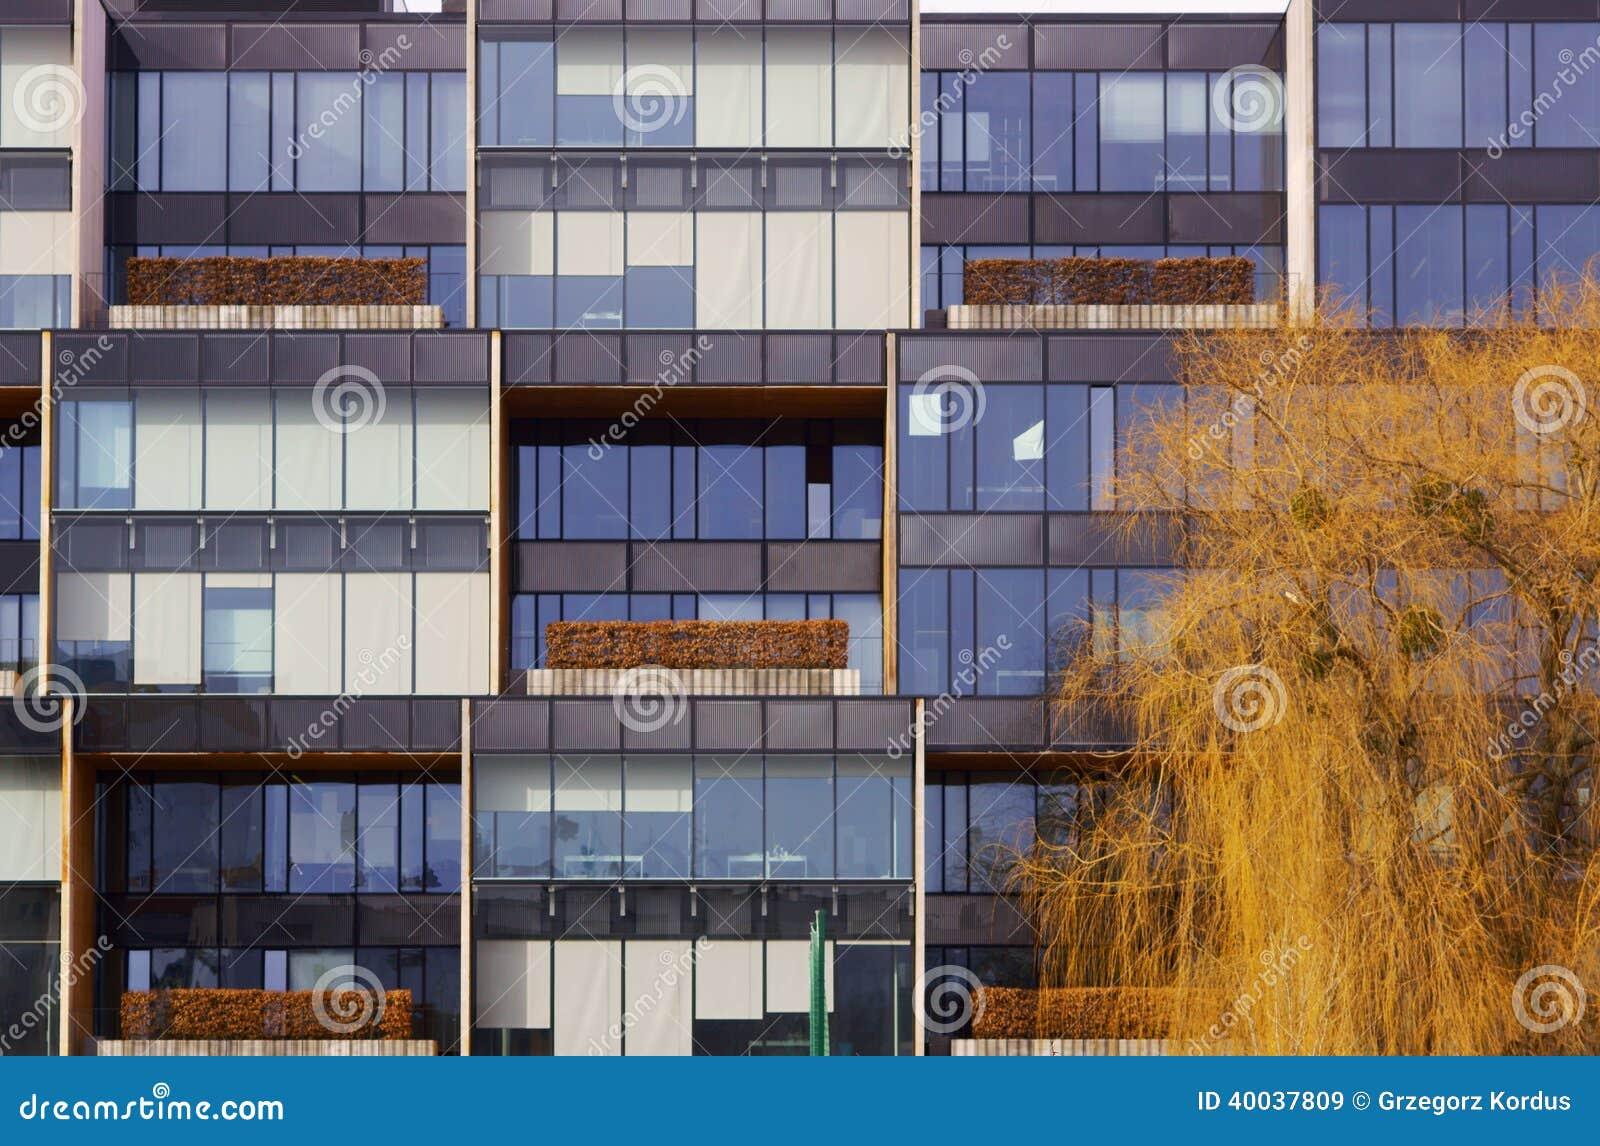 La fachada de cristal de las ramas del edificio y de rbol - Fachada de cristal ...